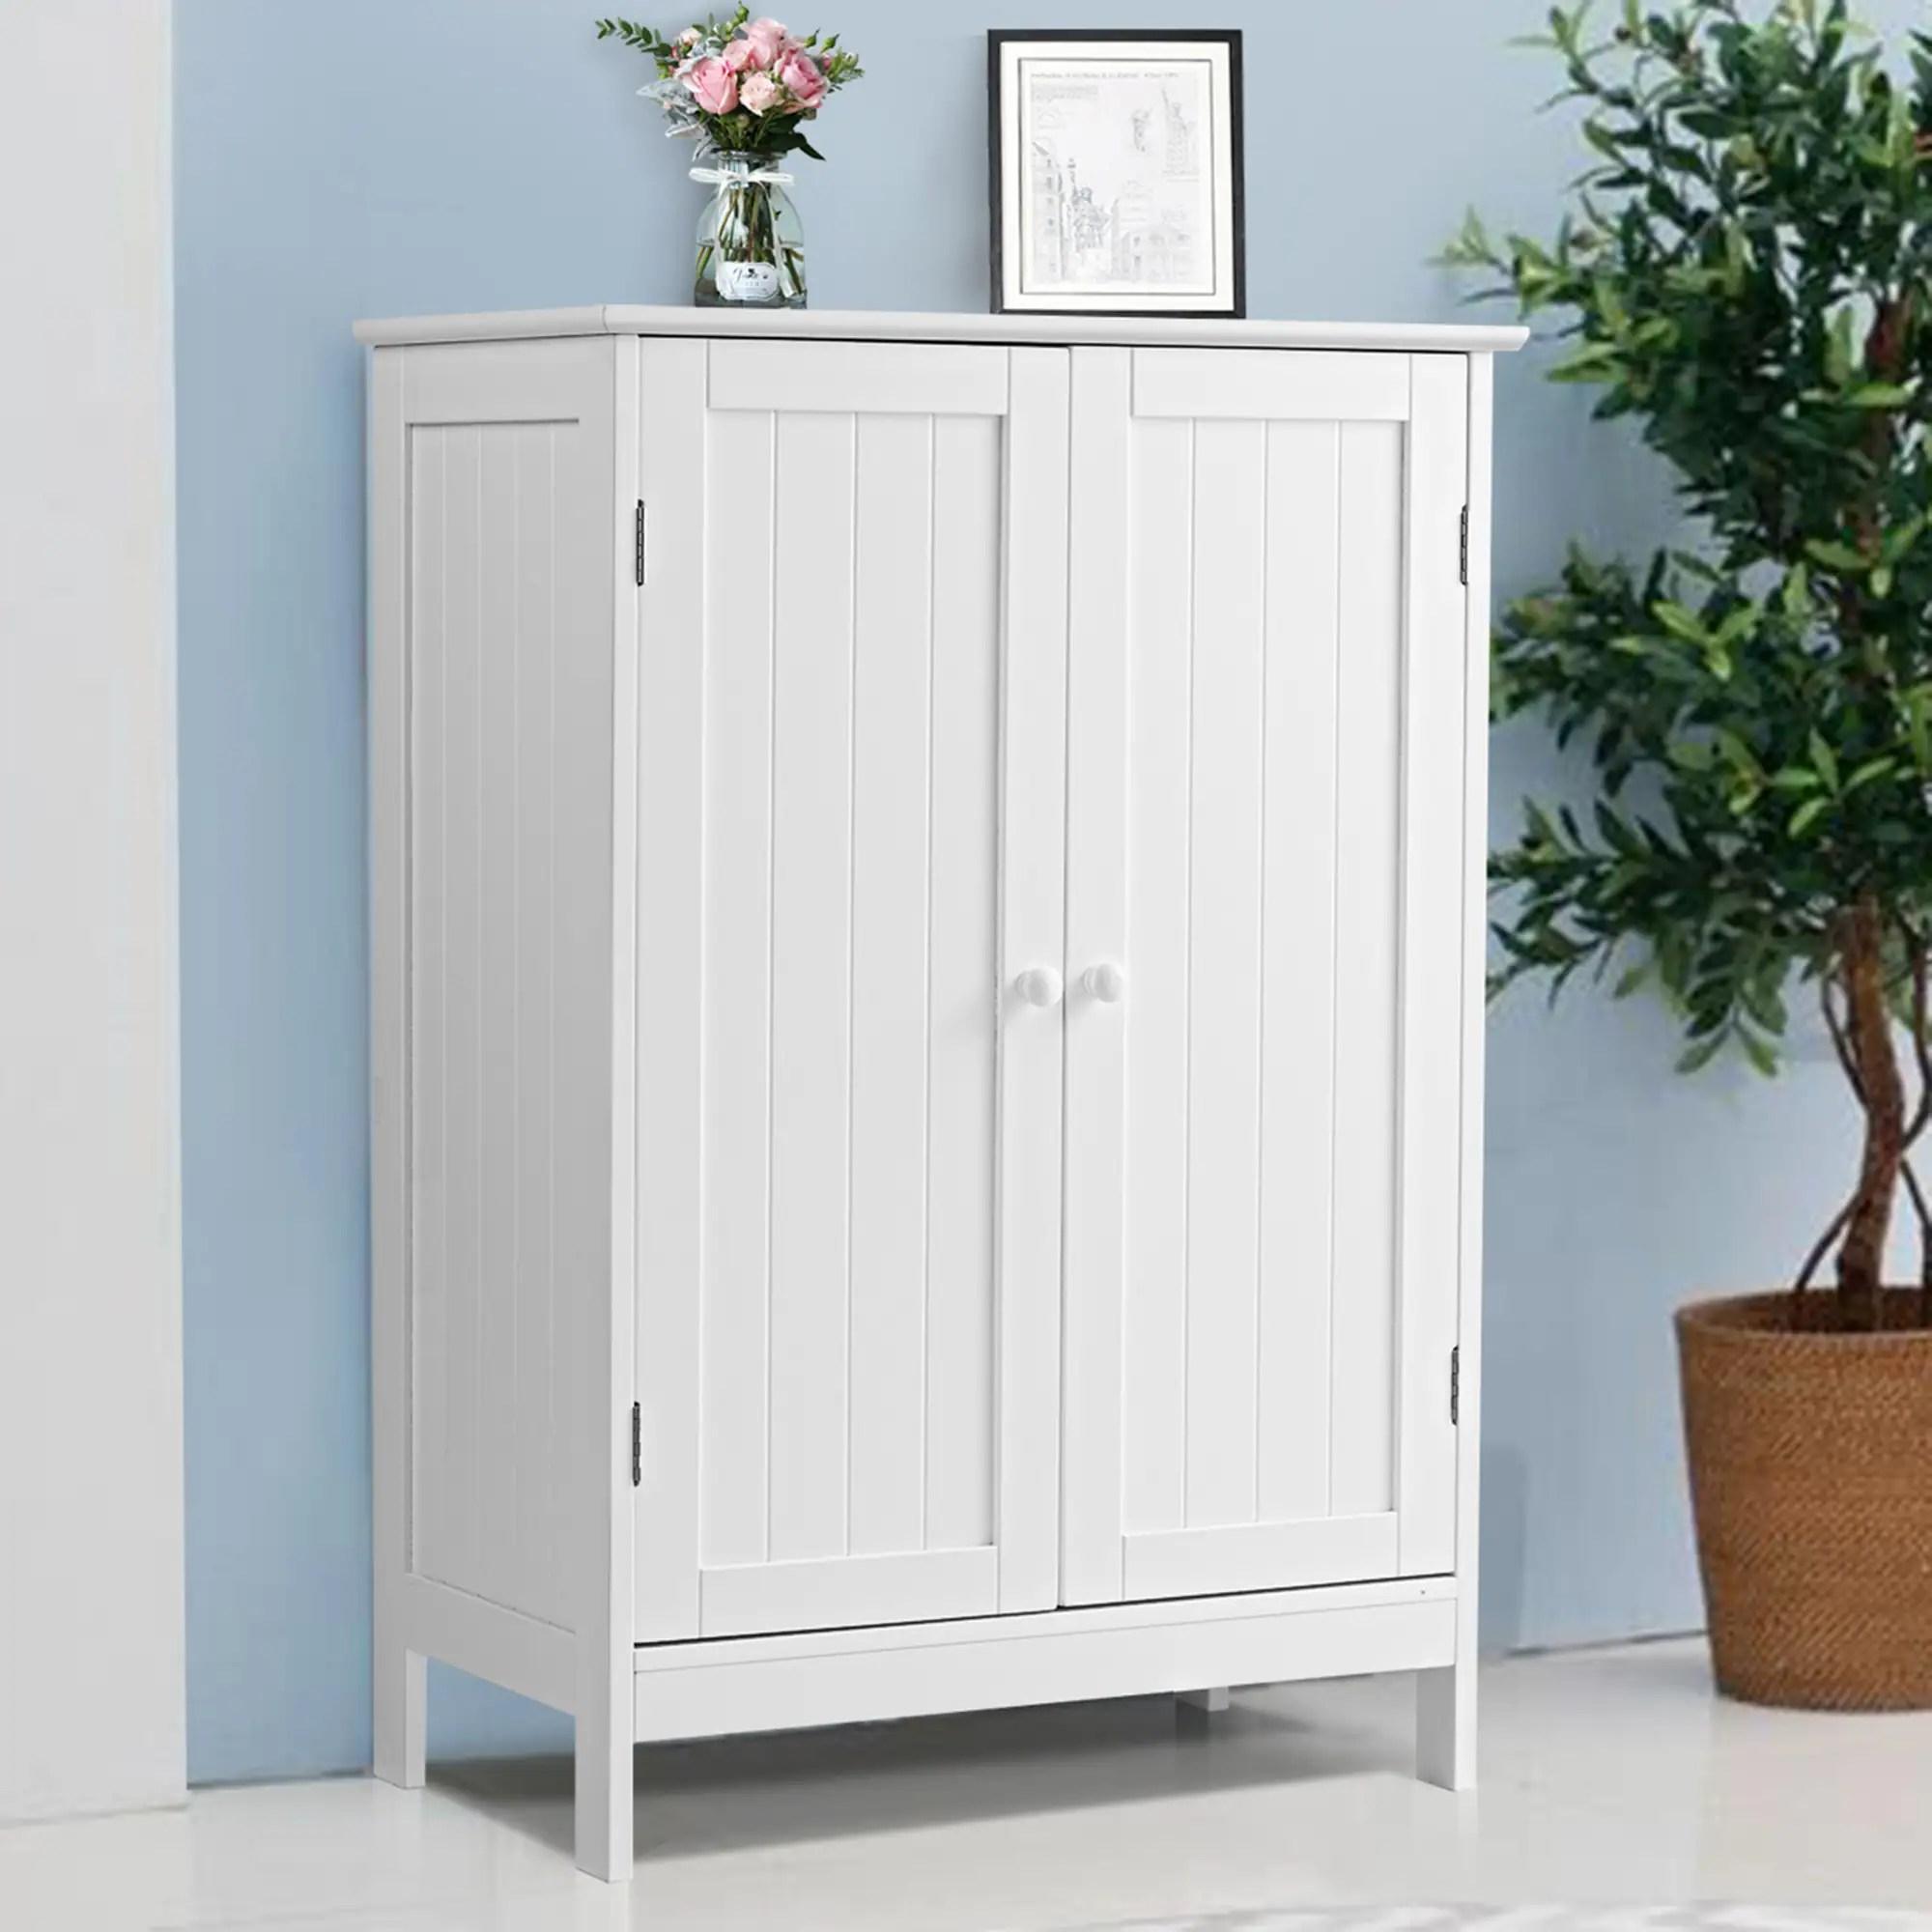 Bathroom Storage Cabinet With Double Doors Wooden Floor Shoe Cabinet Overstock 31291771